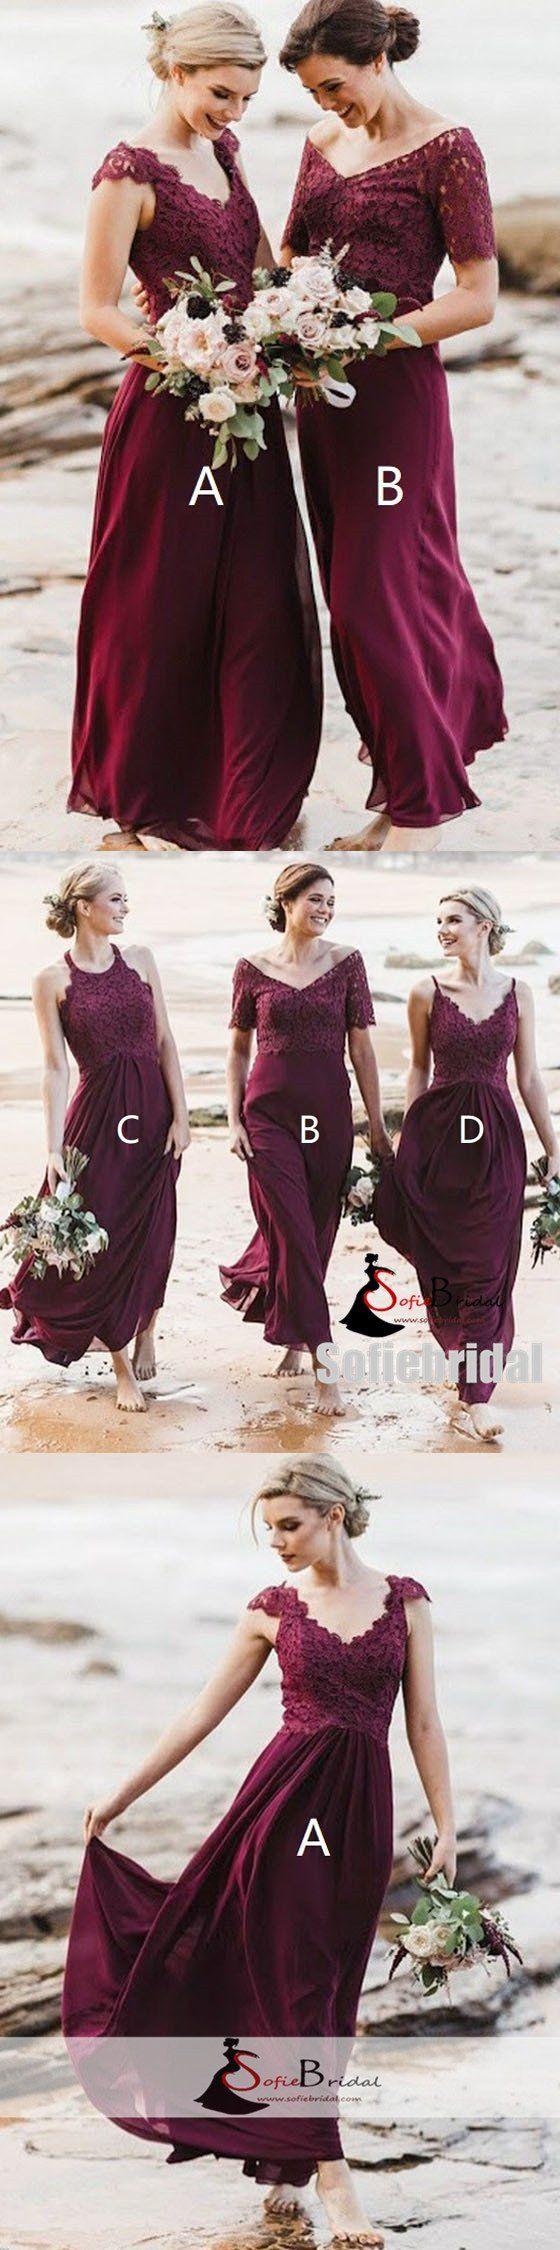 Destination wedding guest dresses  Mismatched Chiffon Lace Bridesmaid Dresses Beach Wedding Guest